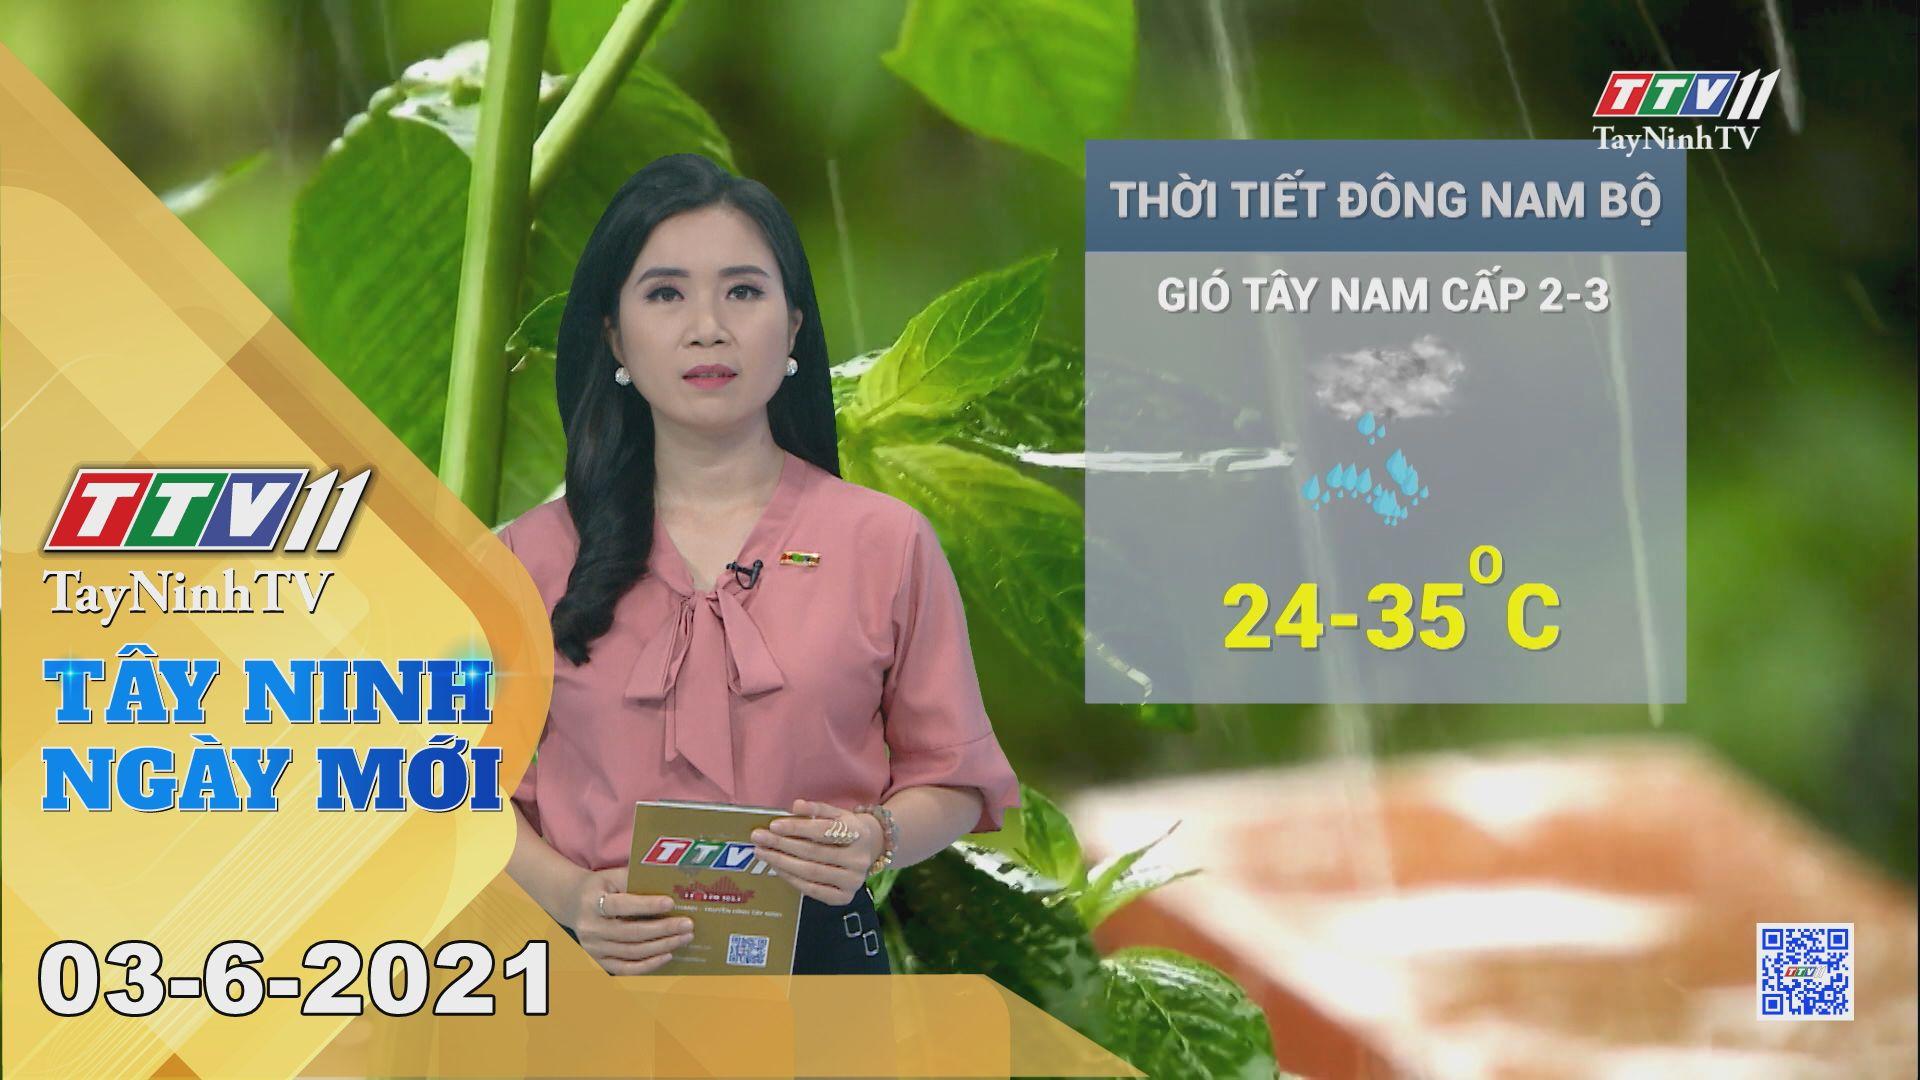 Tây Ninh Ngày Mới 03-6-2021 | Tin tức hôm nay | TayNinhTV